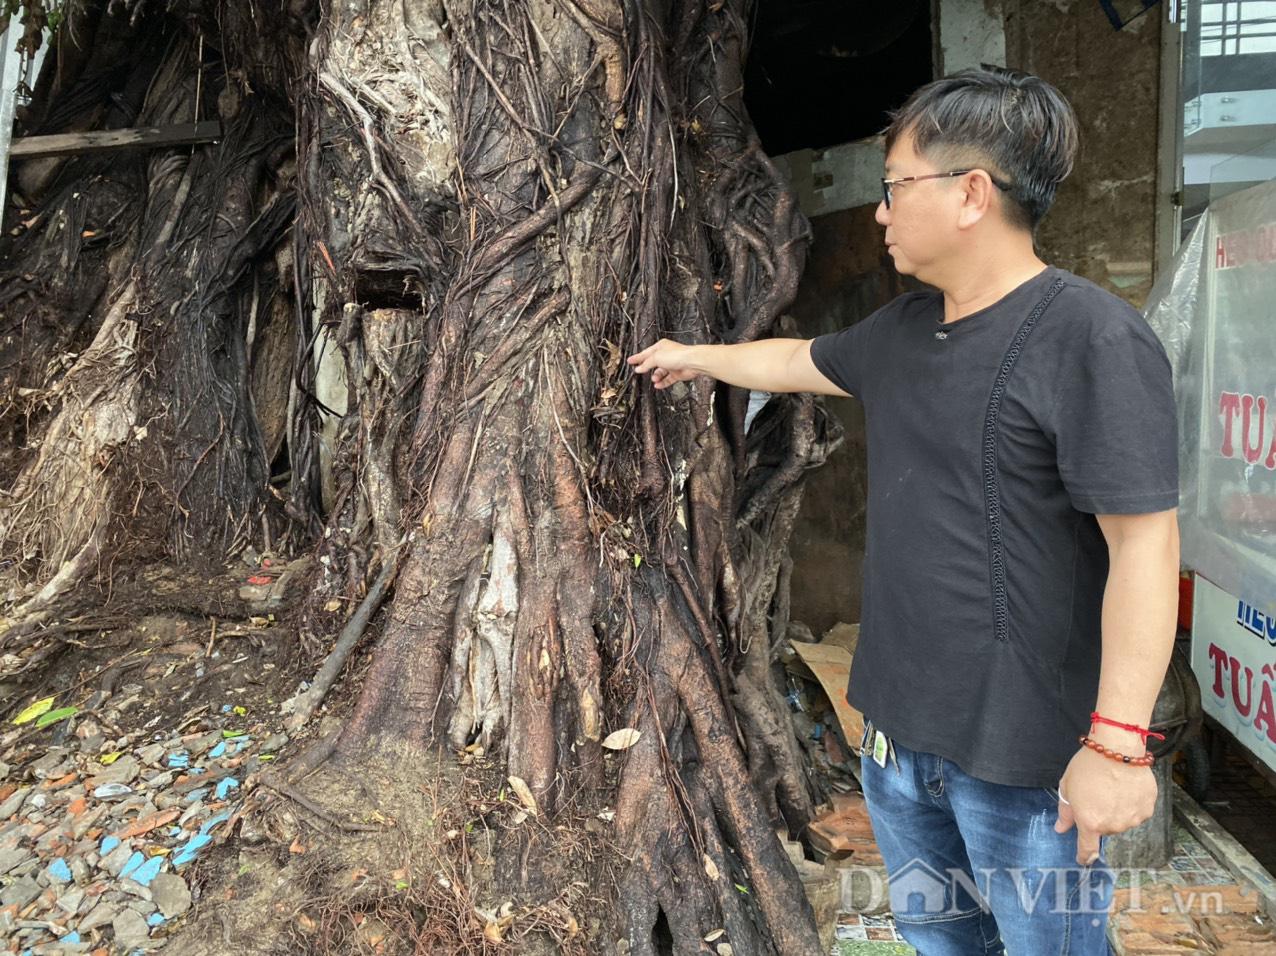 Đồng Tháp: Dời nhà dân để nhường sự sống cho cây da hơn 100 tuổi  - Ảnh 5.